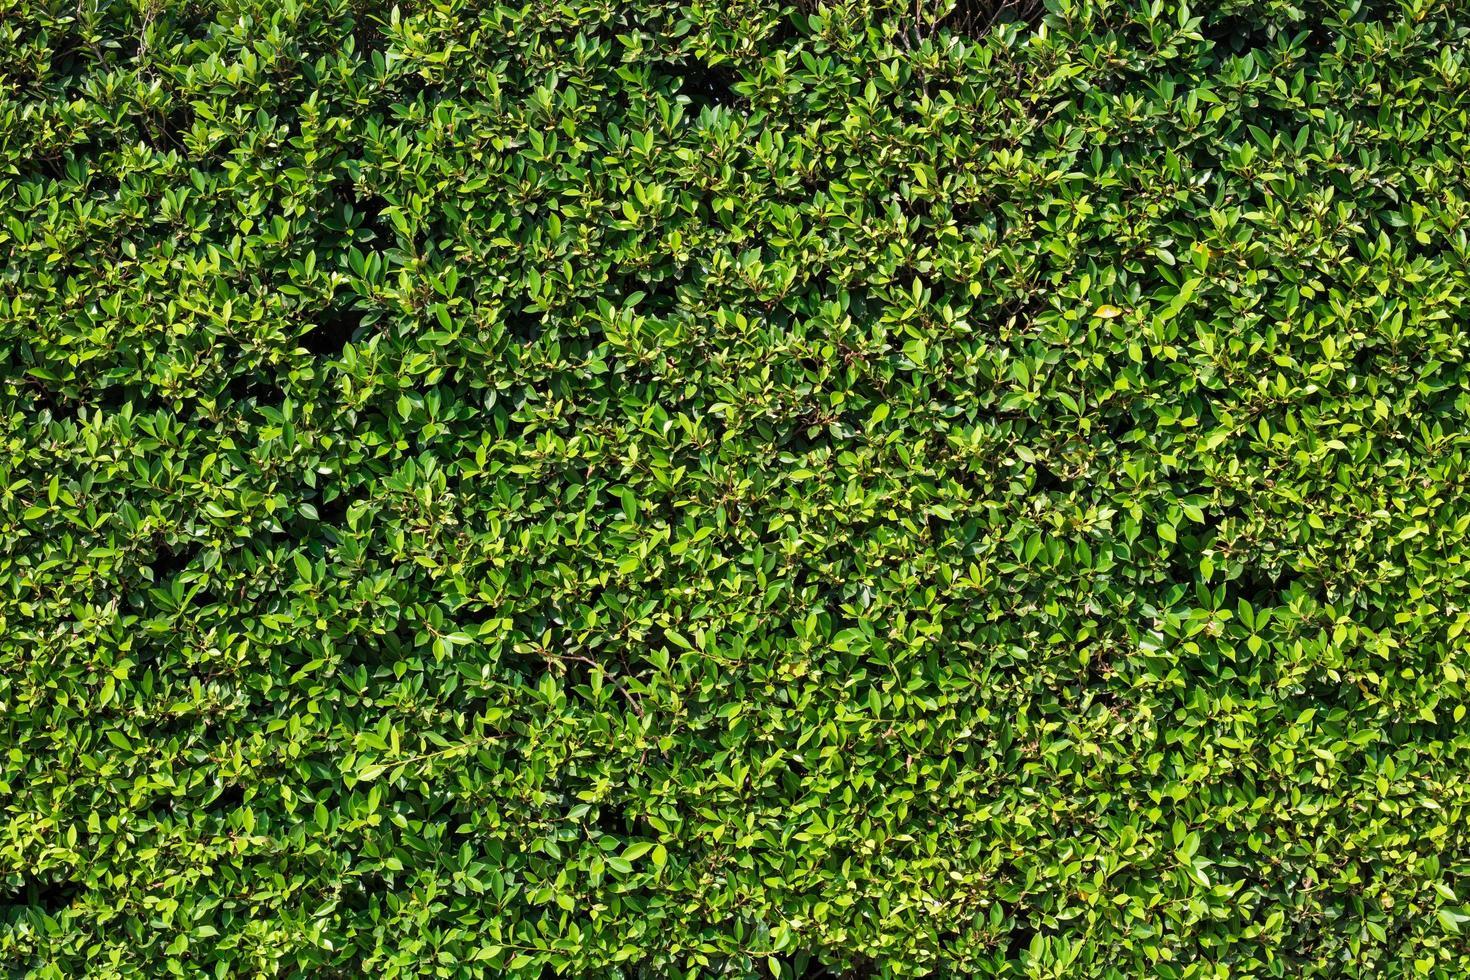 groene blad textuur achtergrond foto